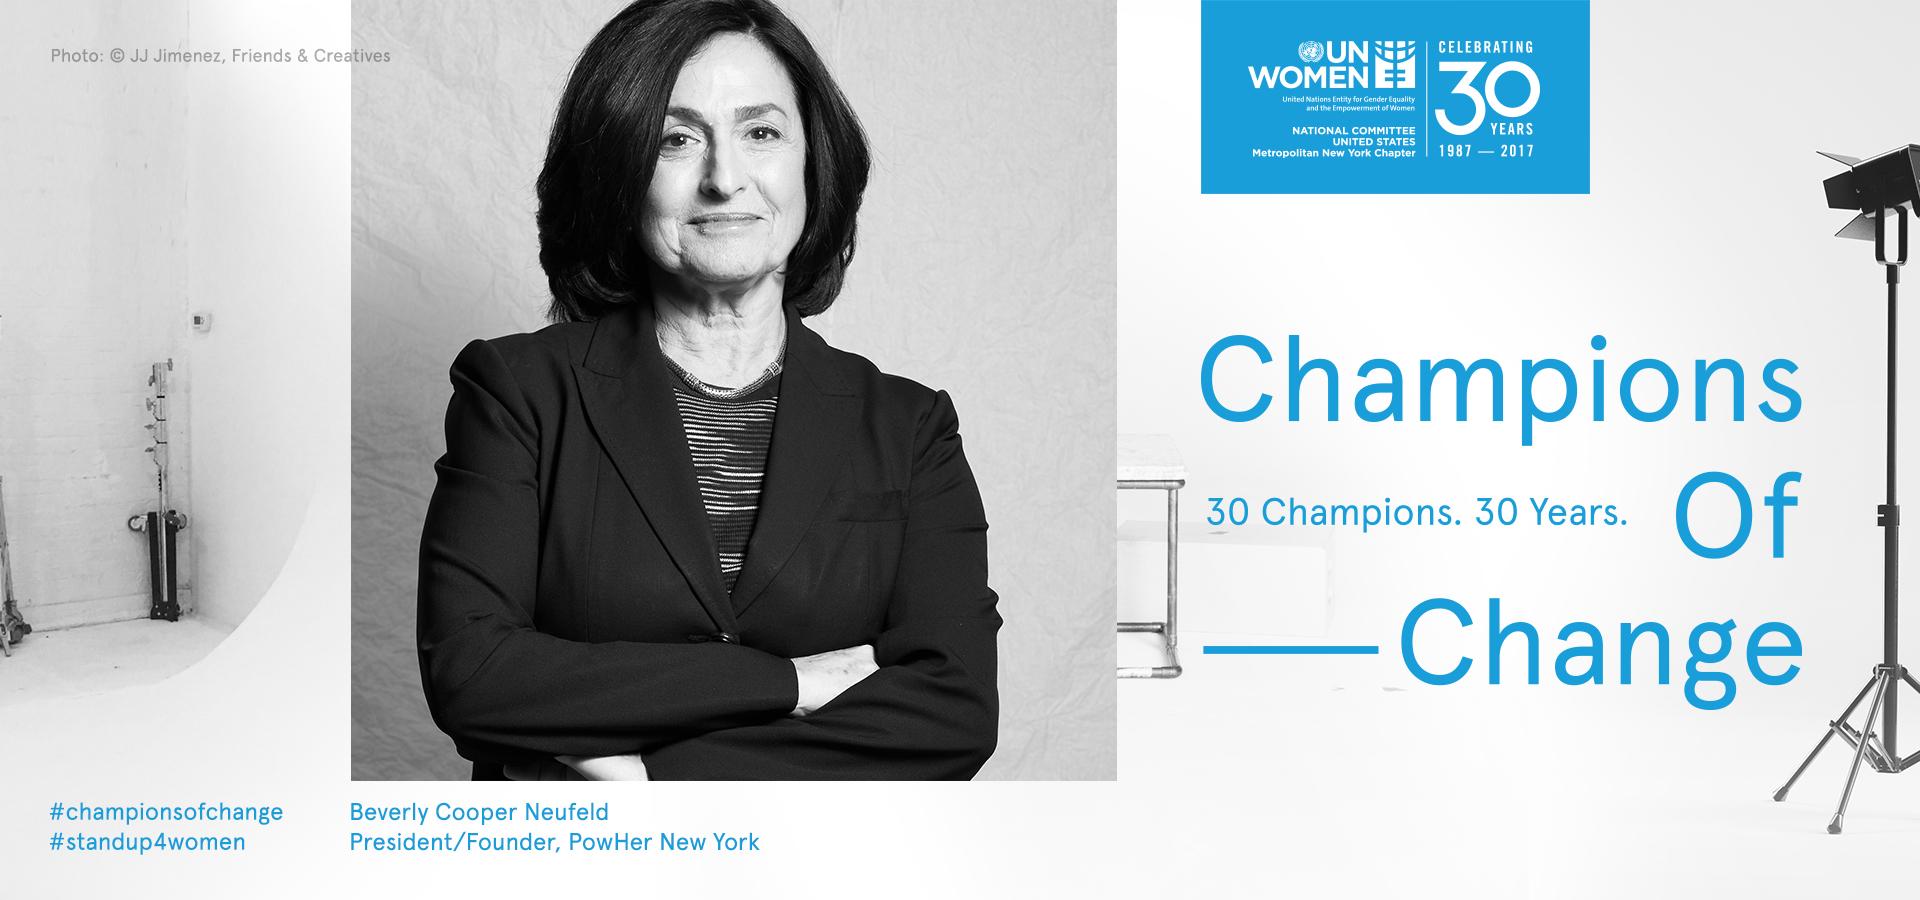 2018_UNWomen_ChampionsOfChange_Website_ProfilePage_BeverlyCooper.jpg